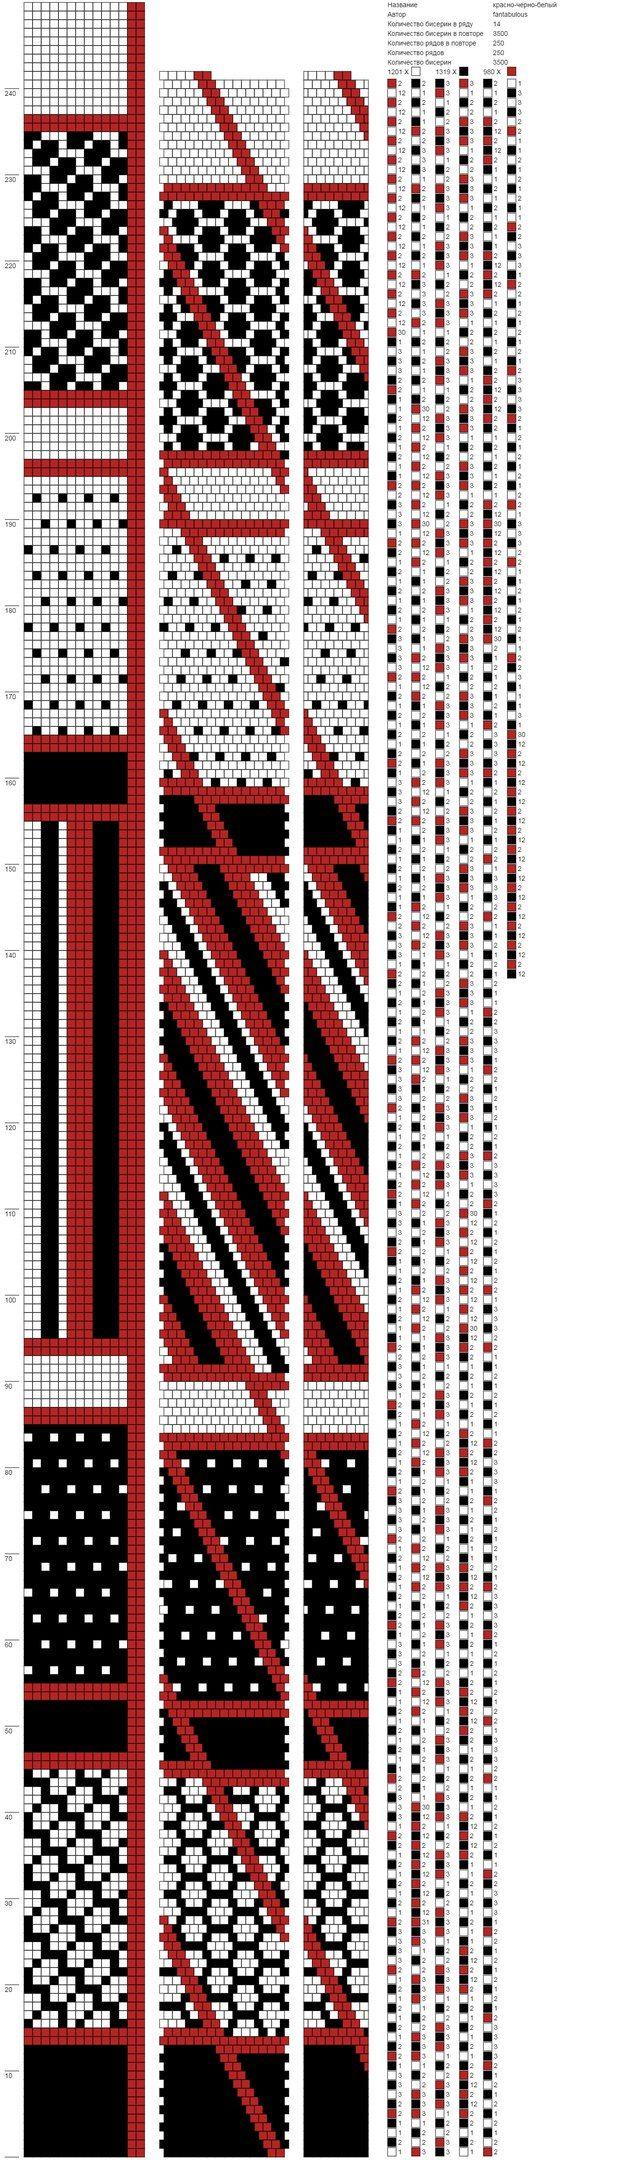 Схемы для вязания жгутов из бисера крючком 2 цвета